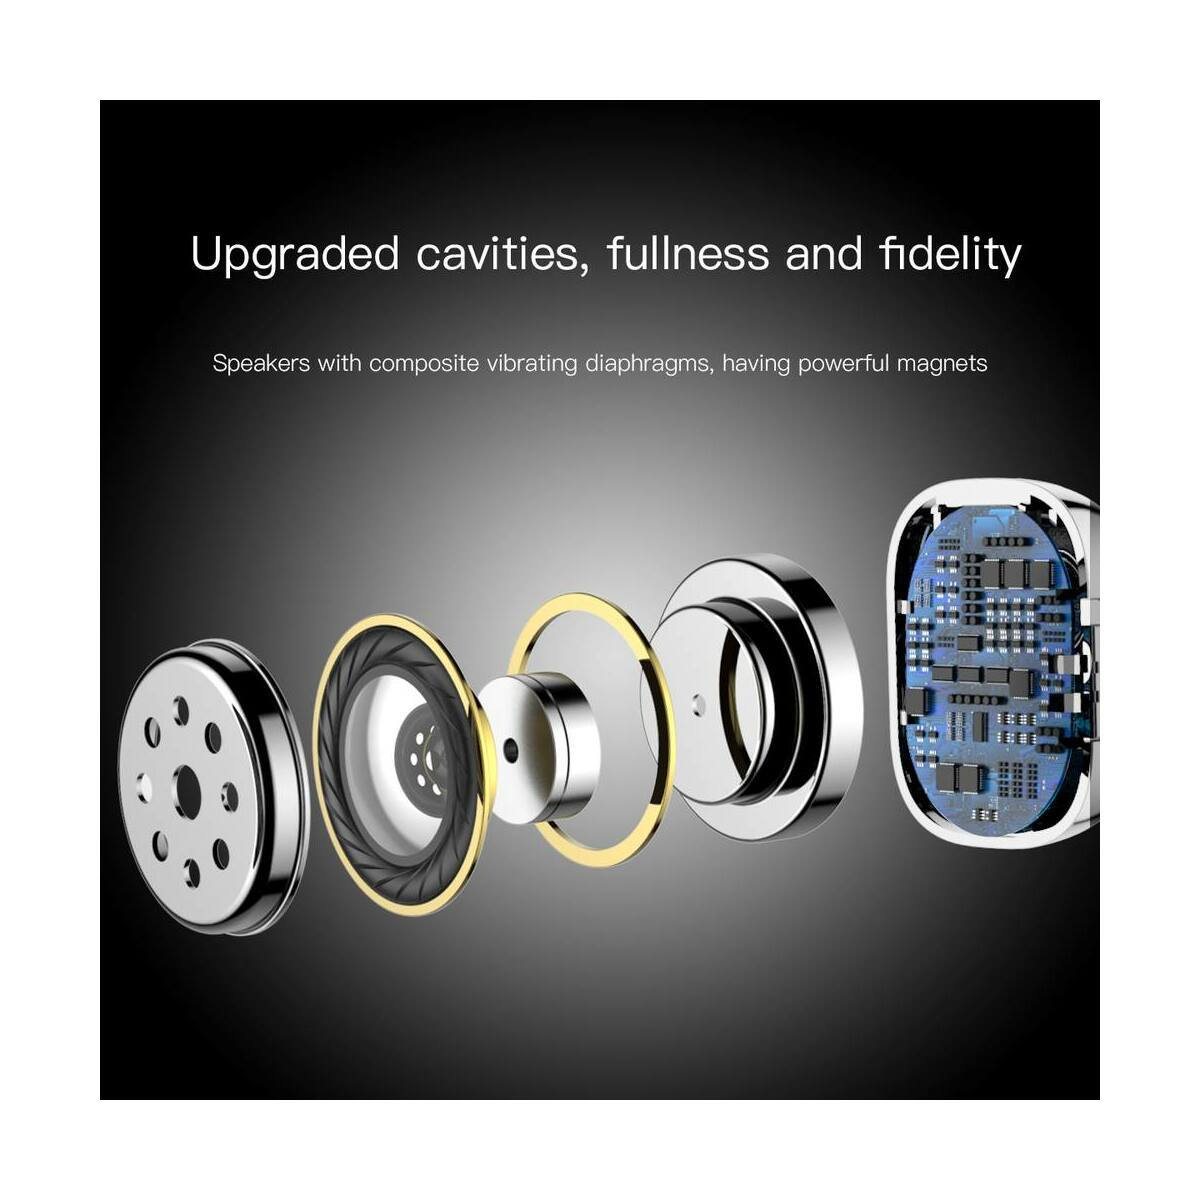 Baseus fülhallgató, Bluetooth Encok W02 Truly Wireless Touch Control, Binaural, zajcsökkentés, HD hang, BT4.2, fehér (NGW02-02)